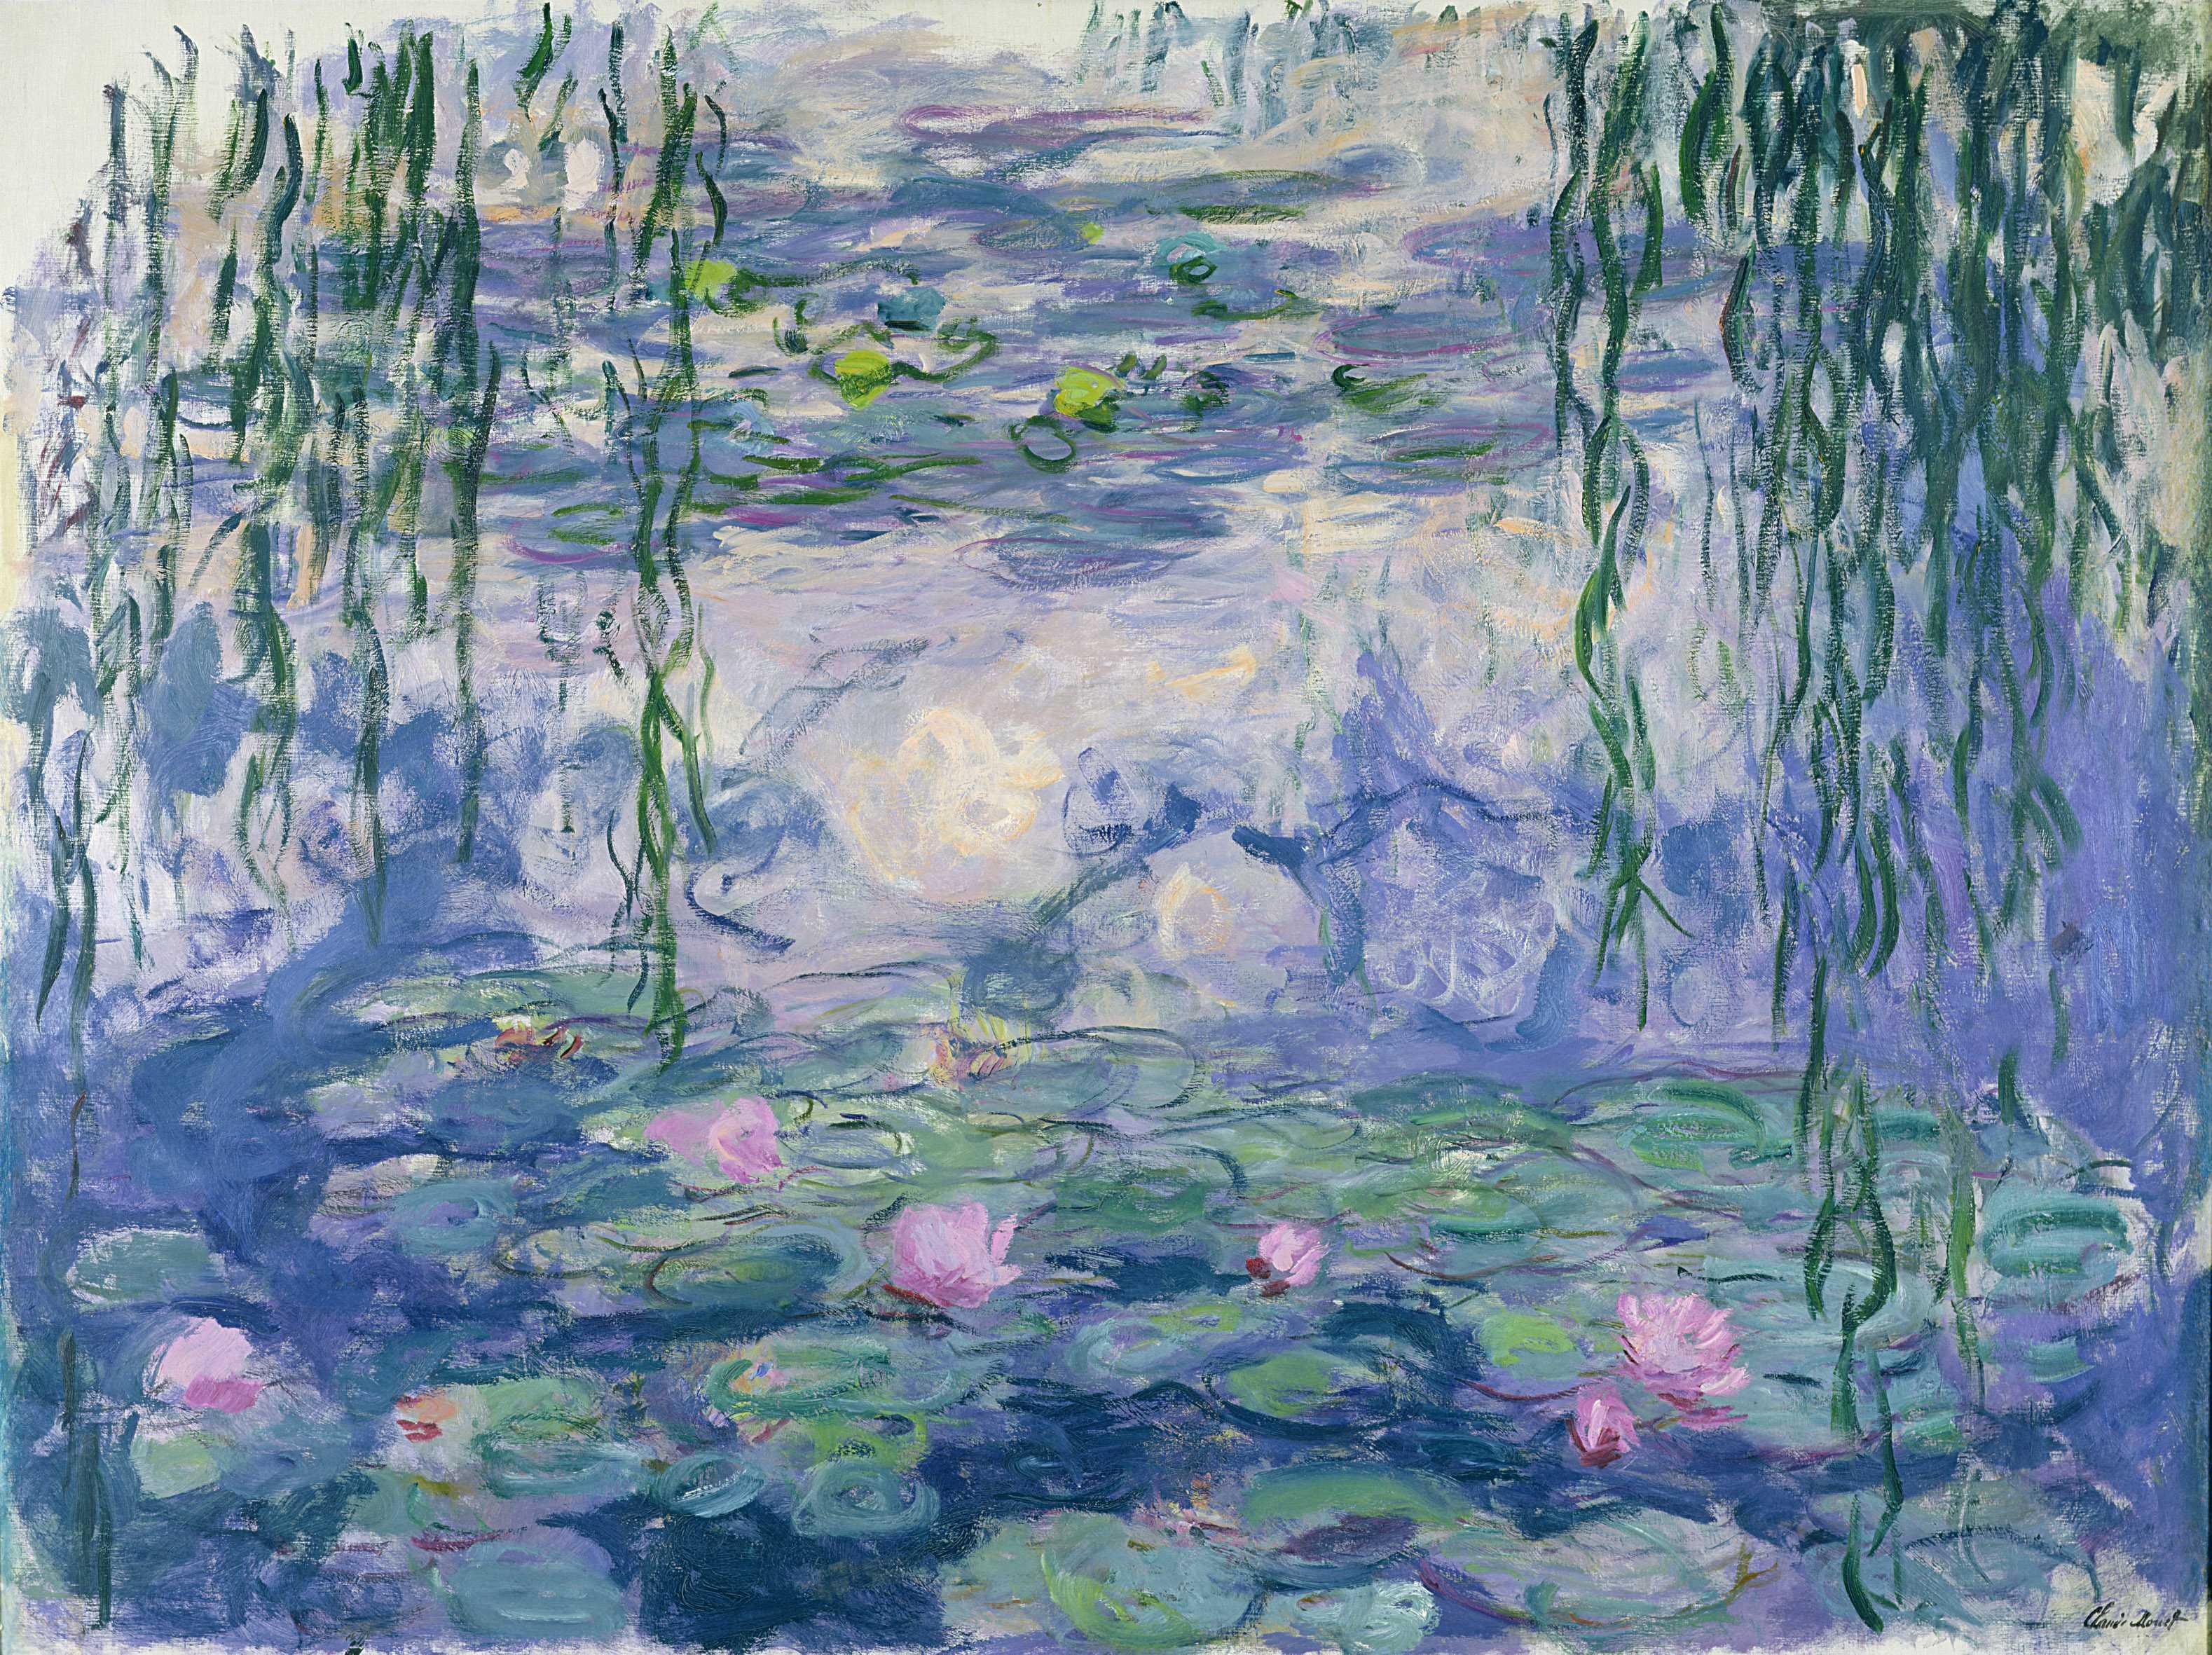 Claude Monet (1840-1926) Nymphéas , vers 1916-1919 Huile sur toile, 150x197 cm Paris, musée Marmottan Monet, legs Michel Monet, 1966 © Musée Marmottan Monet, Paris / Bridgeman Image